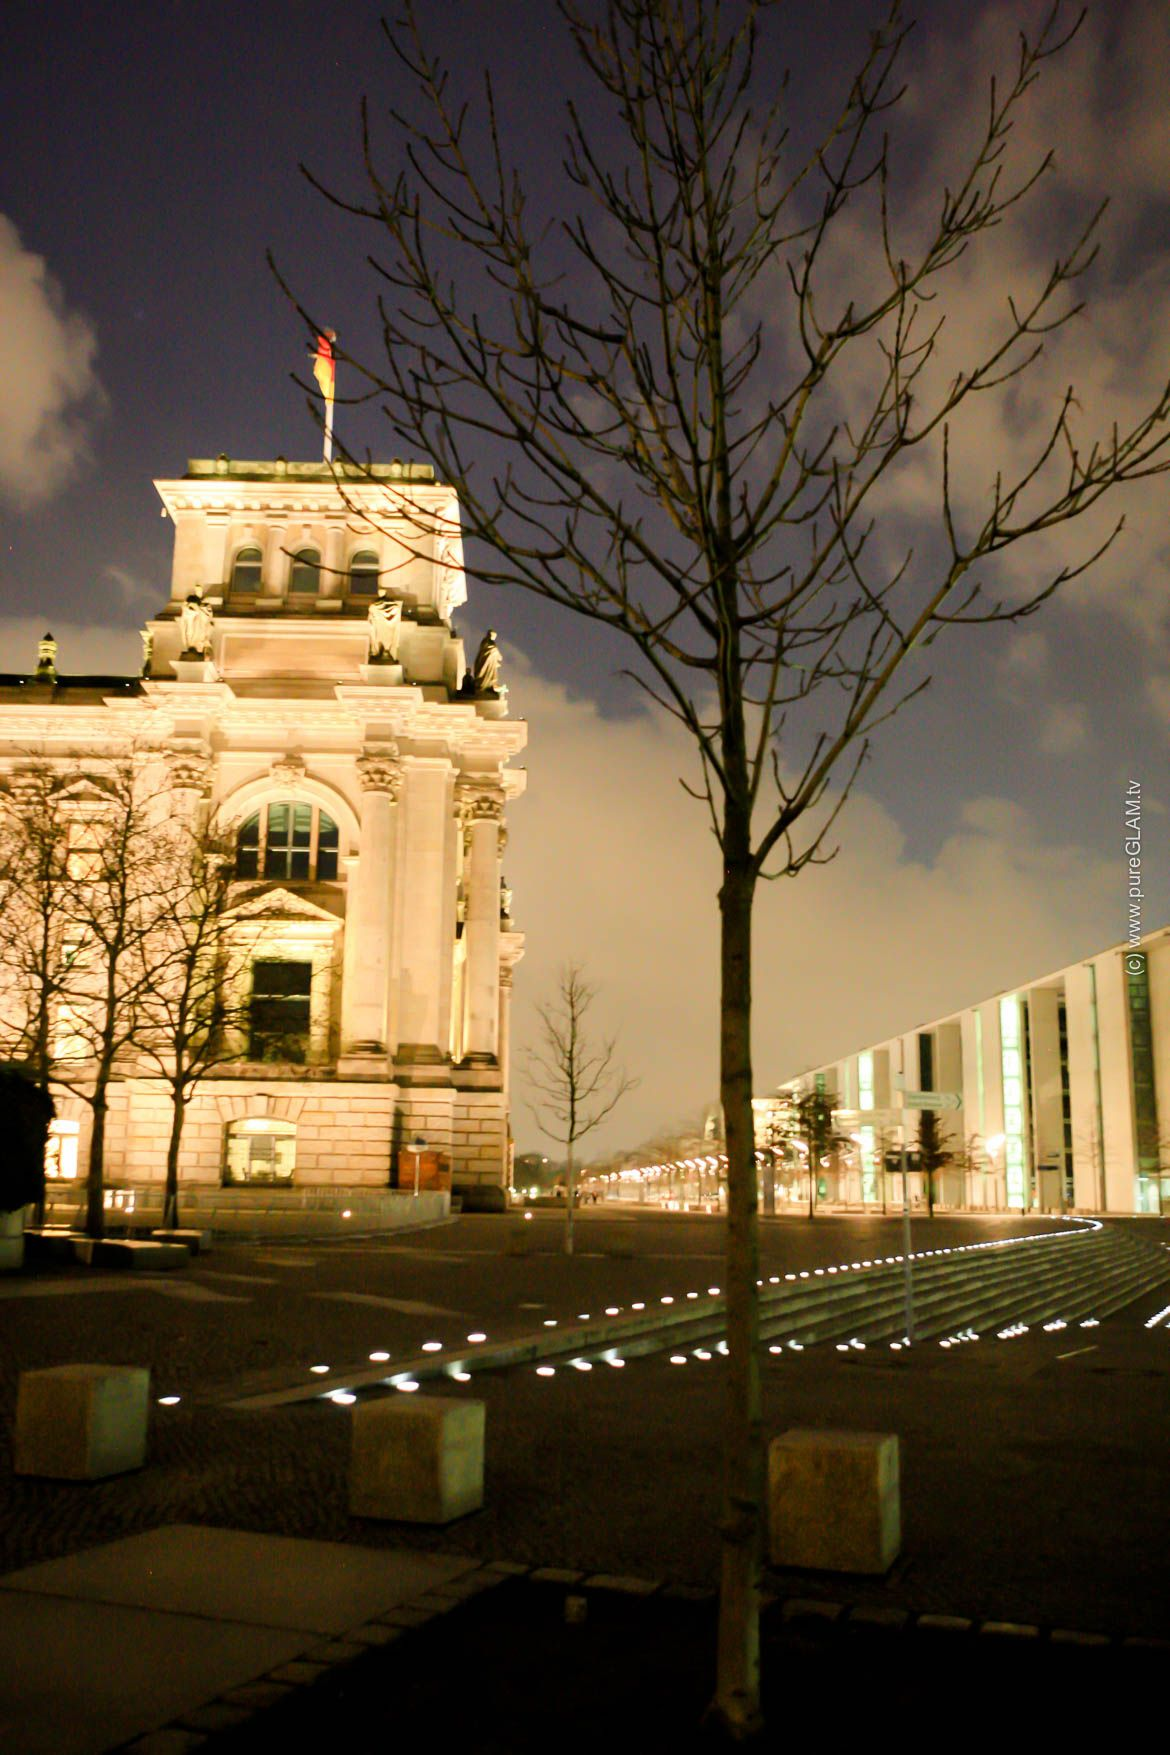 Berlin Sehenswurdigkeiten Top 10 Reisetipps Berlin Berlin Sehenswurdigkeiten Karte Berlin Urlaub Reisen